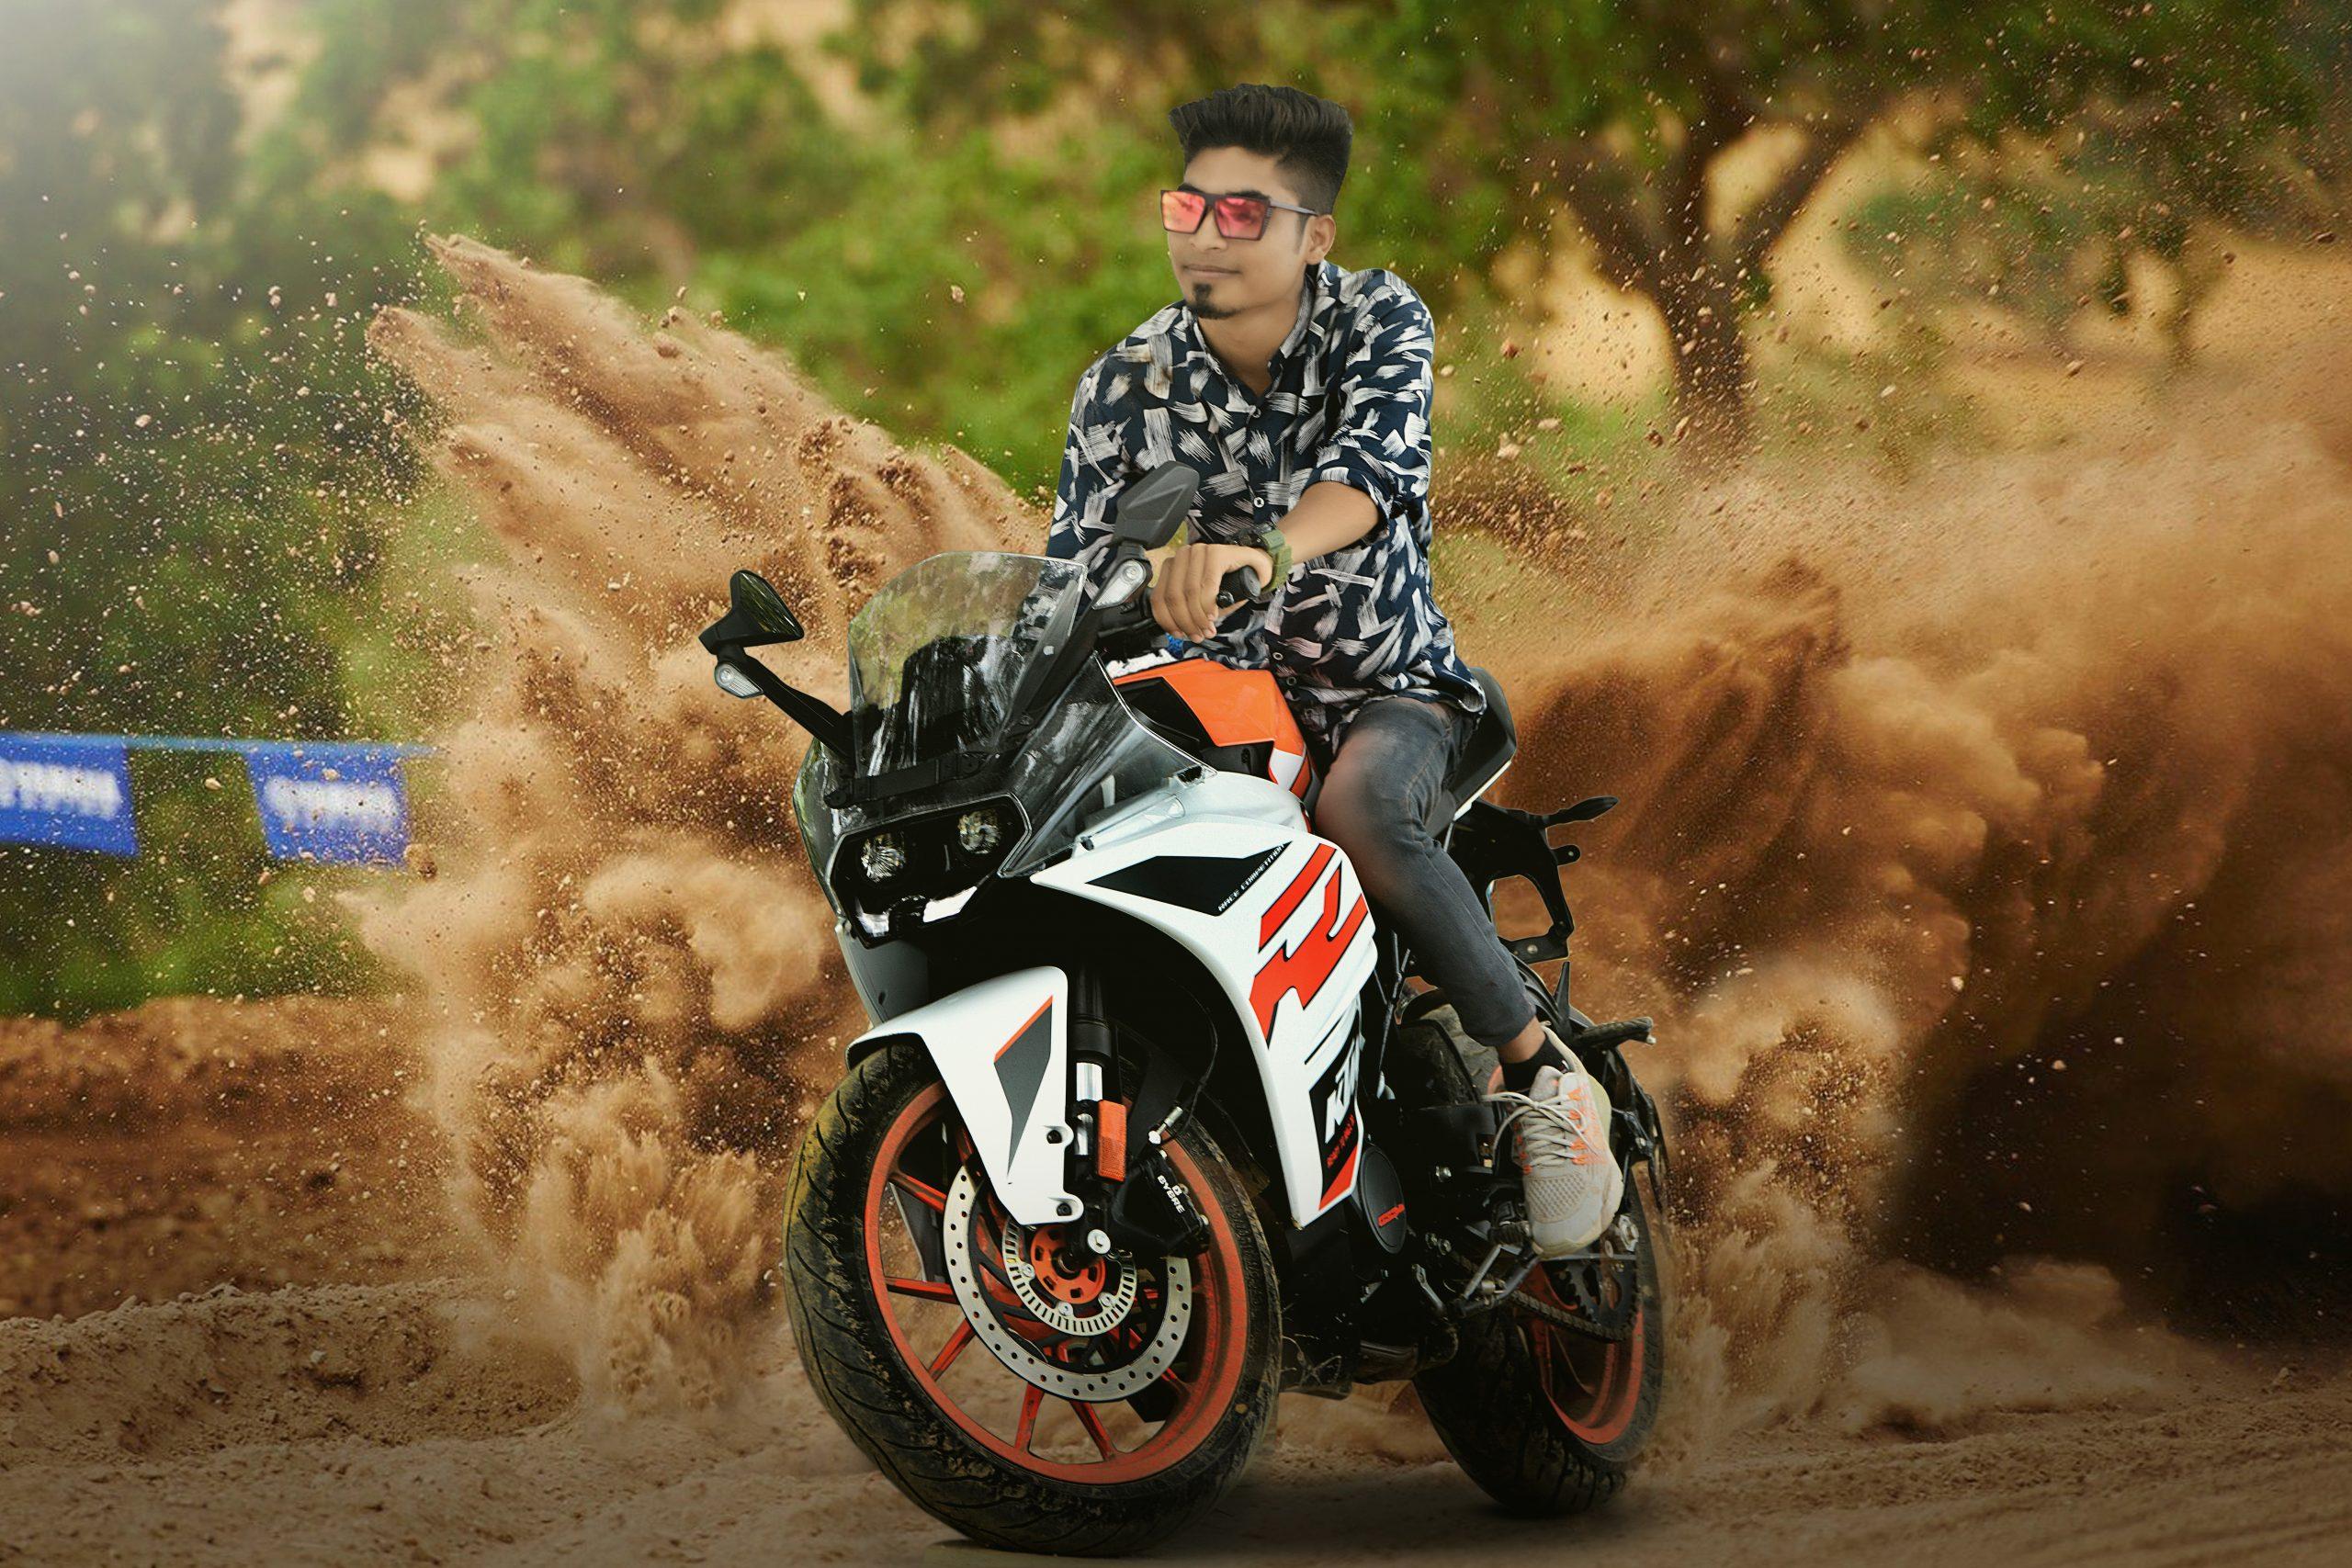 Boy riding KTM bike